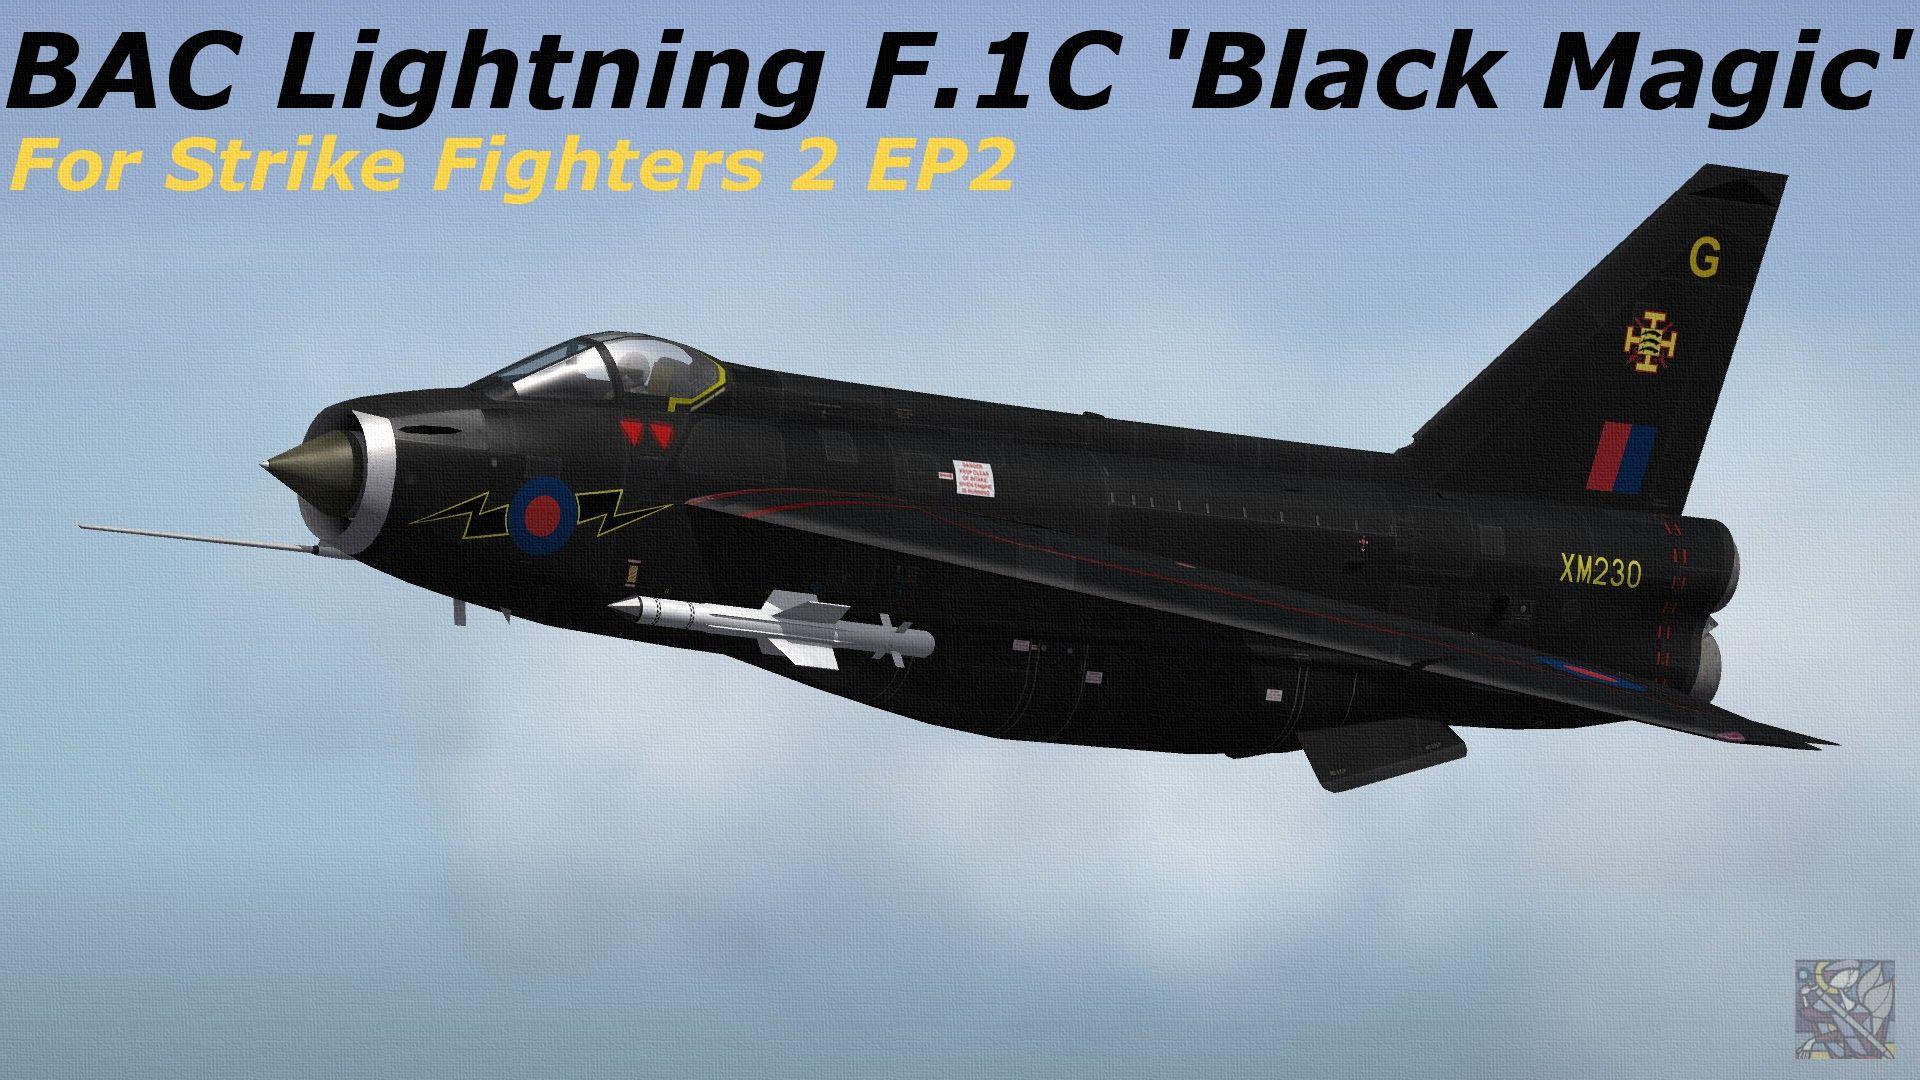 LIGHTNING1C_LOADING_zpsa1d88475.jpg